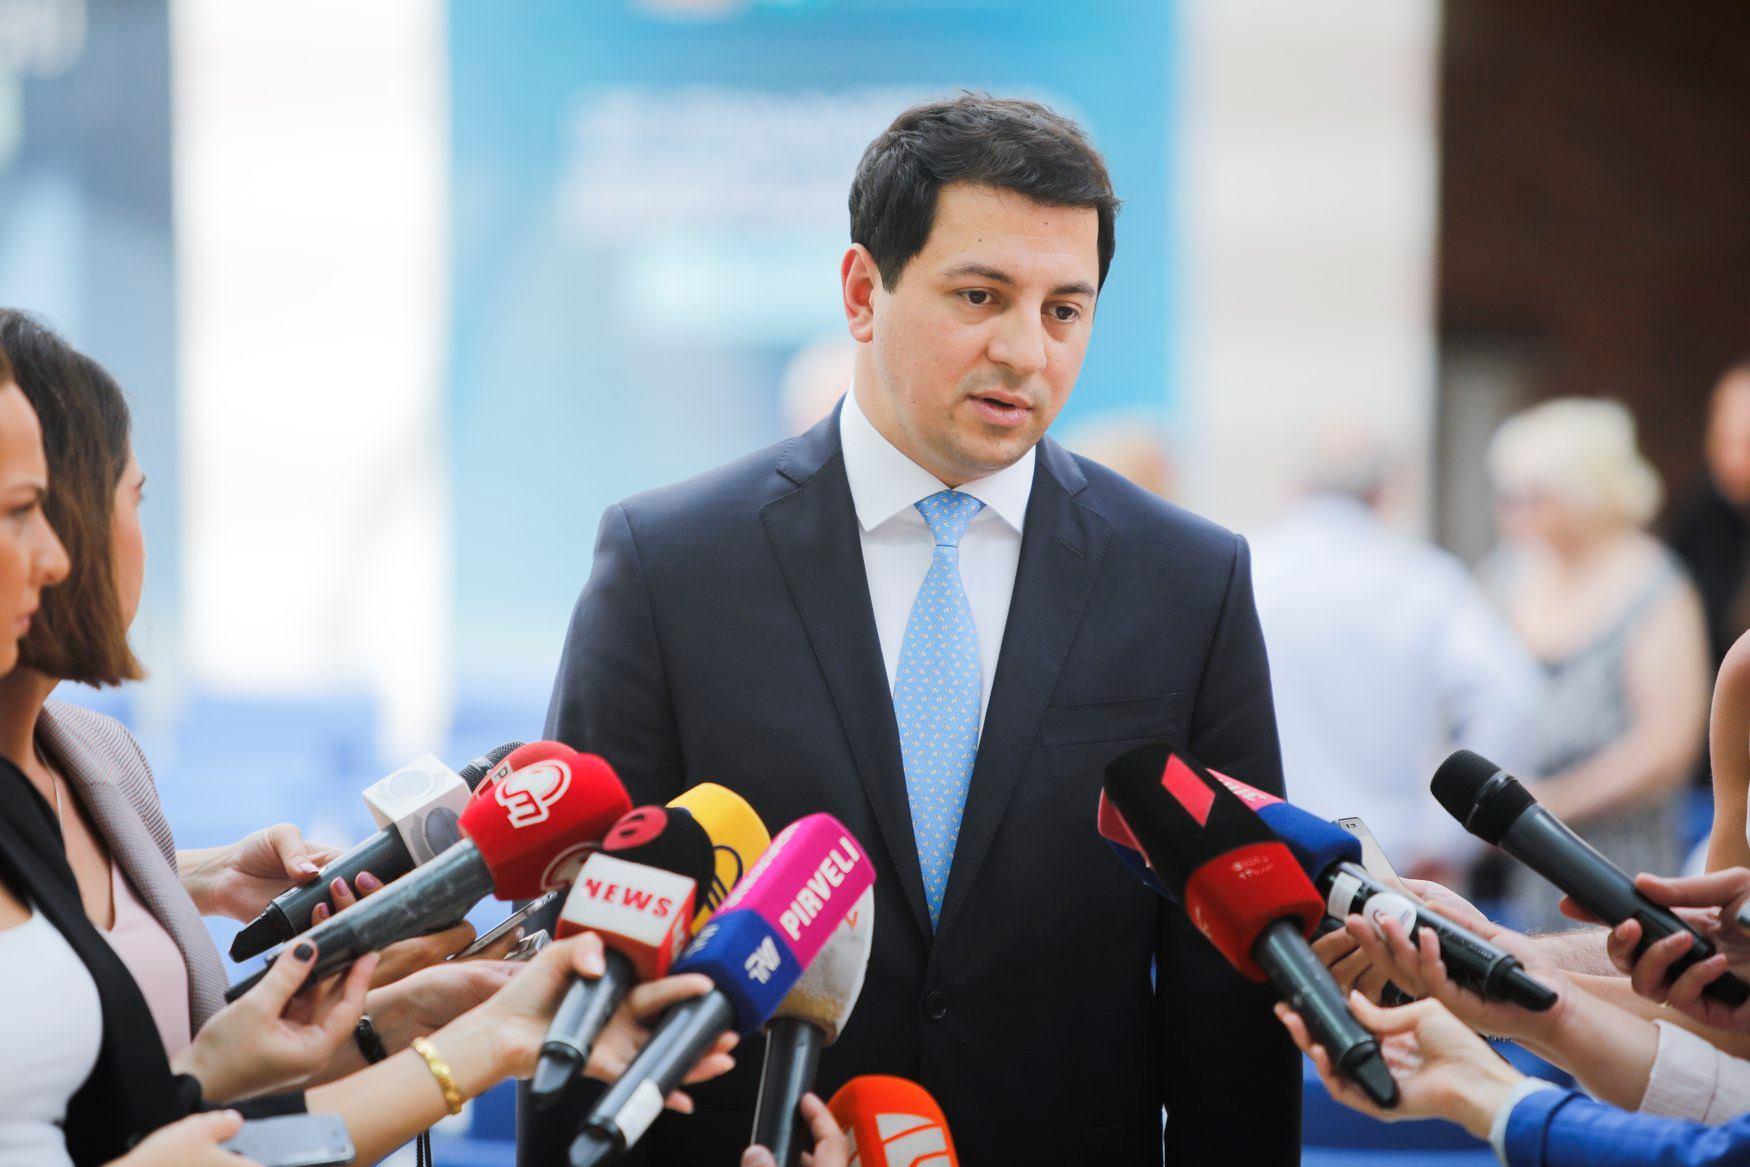 Archil Talakvadze 4 #новости Арчил Талаквадзе, Грузинская мечта, кризис Мечты